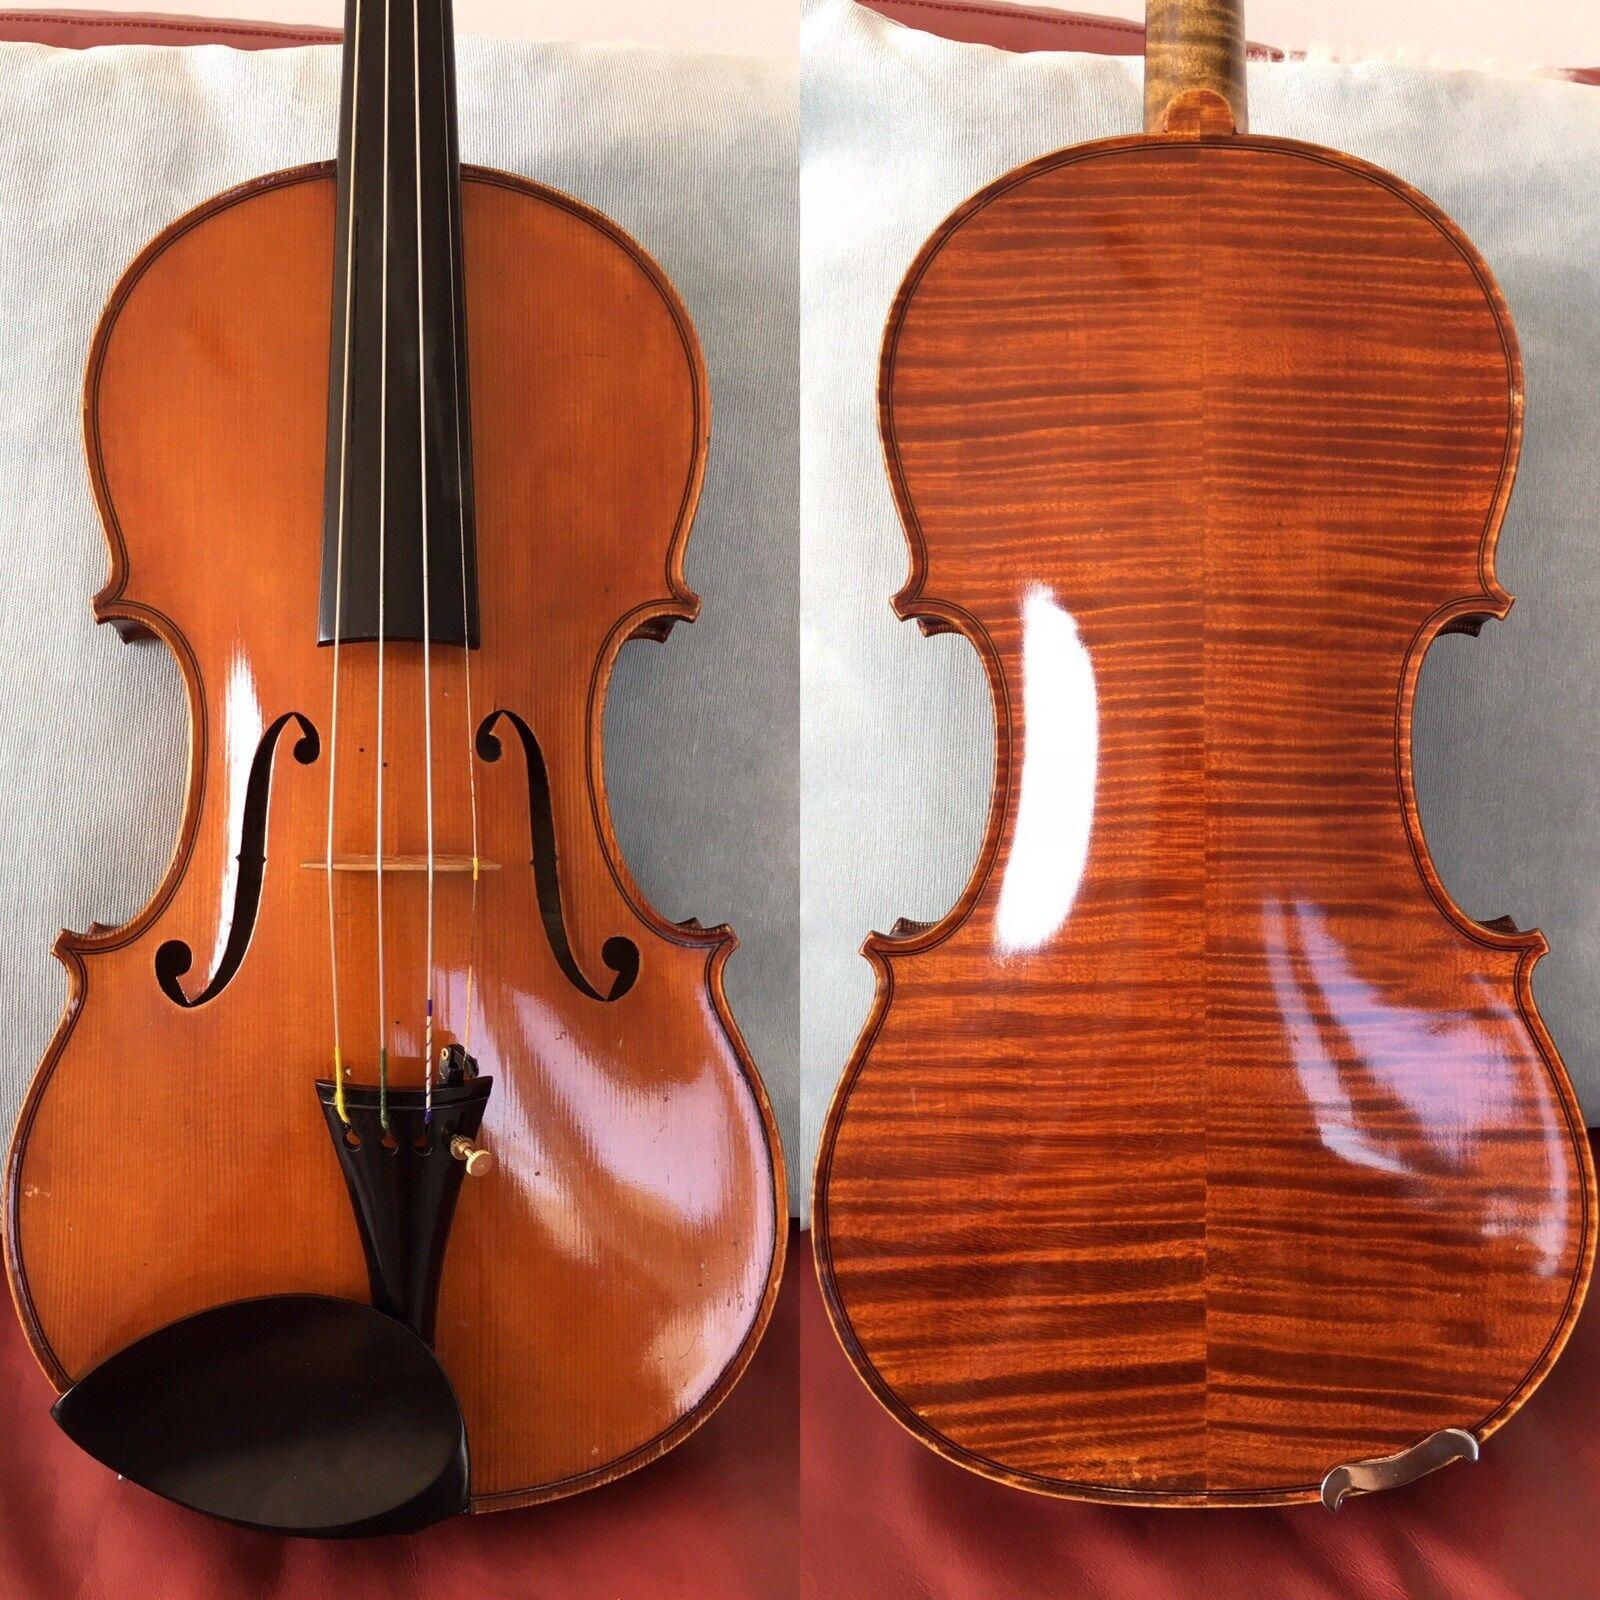 Un Fino violín francés antiguo antiguo antiguo etiquetado como  N. Audinot , posiblemente Collin-vida  ahorre 60% de descuento